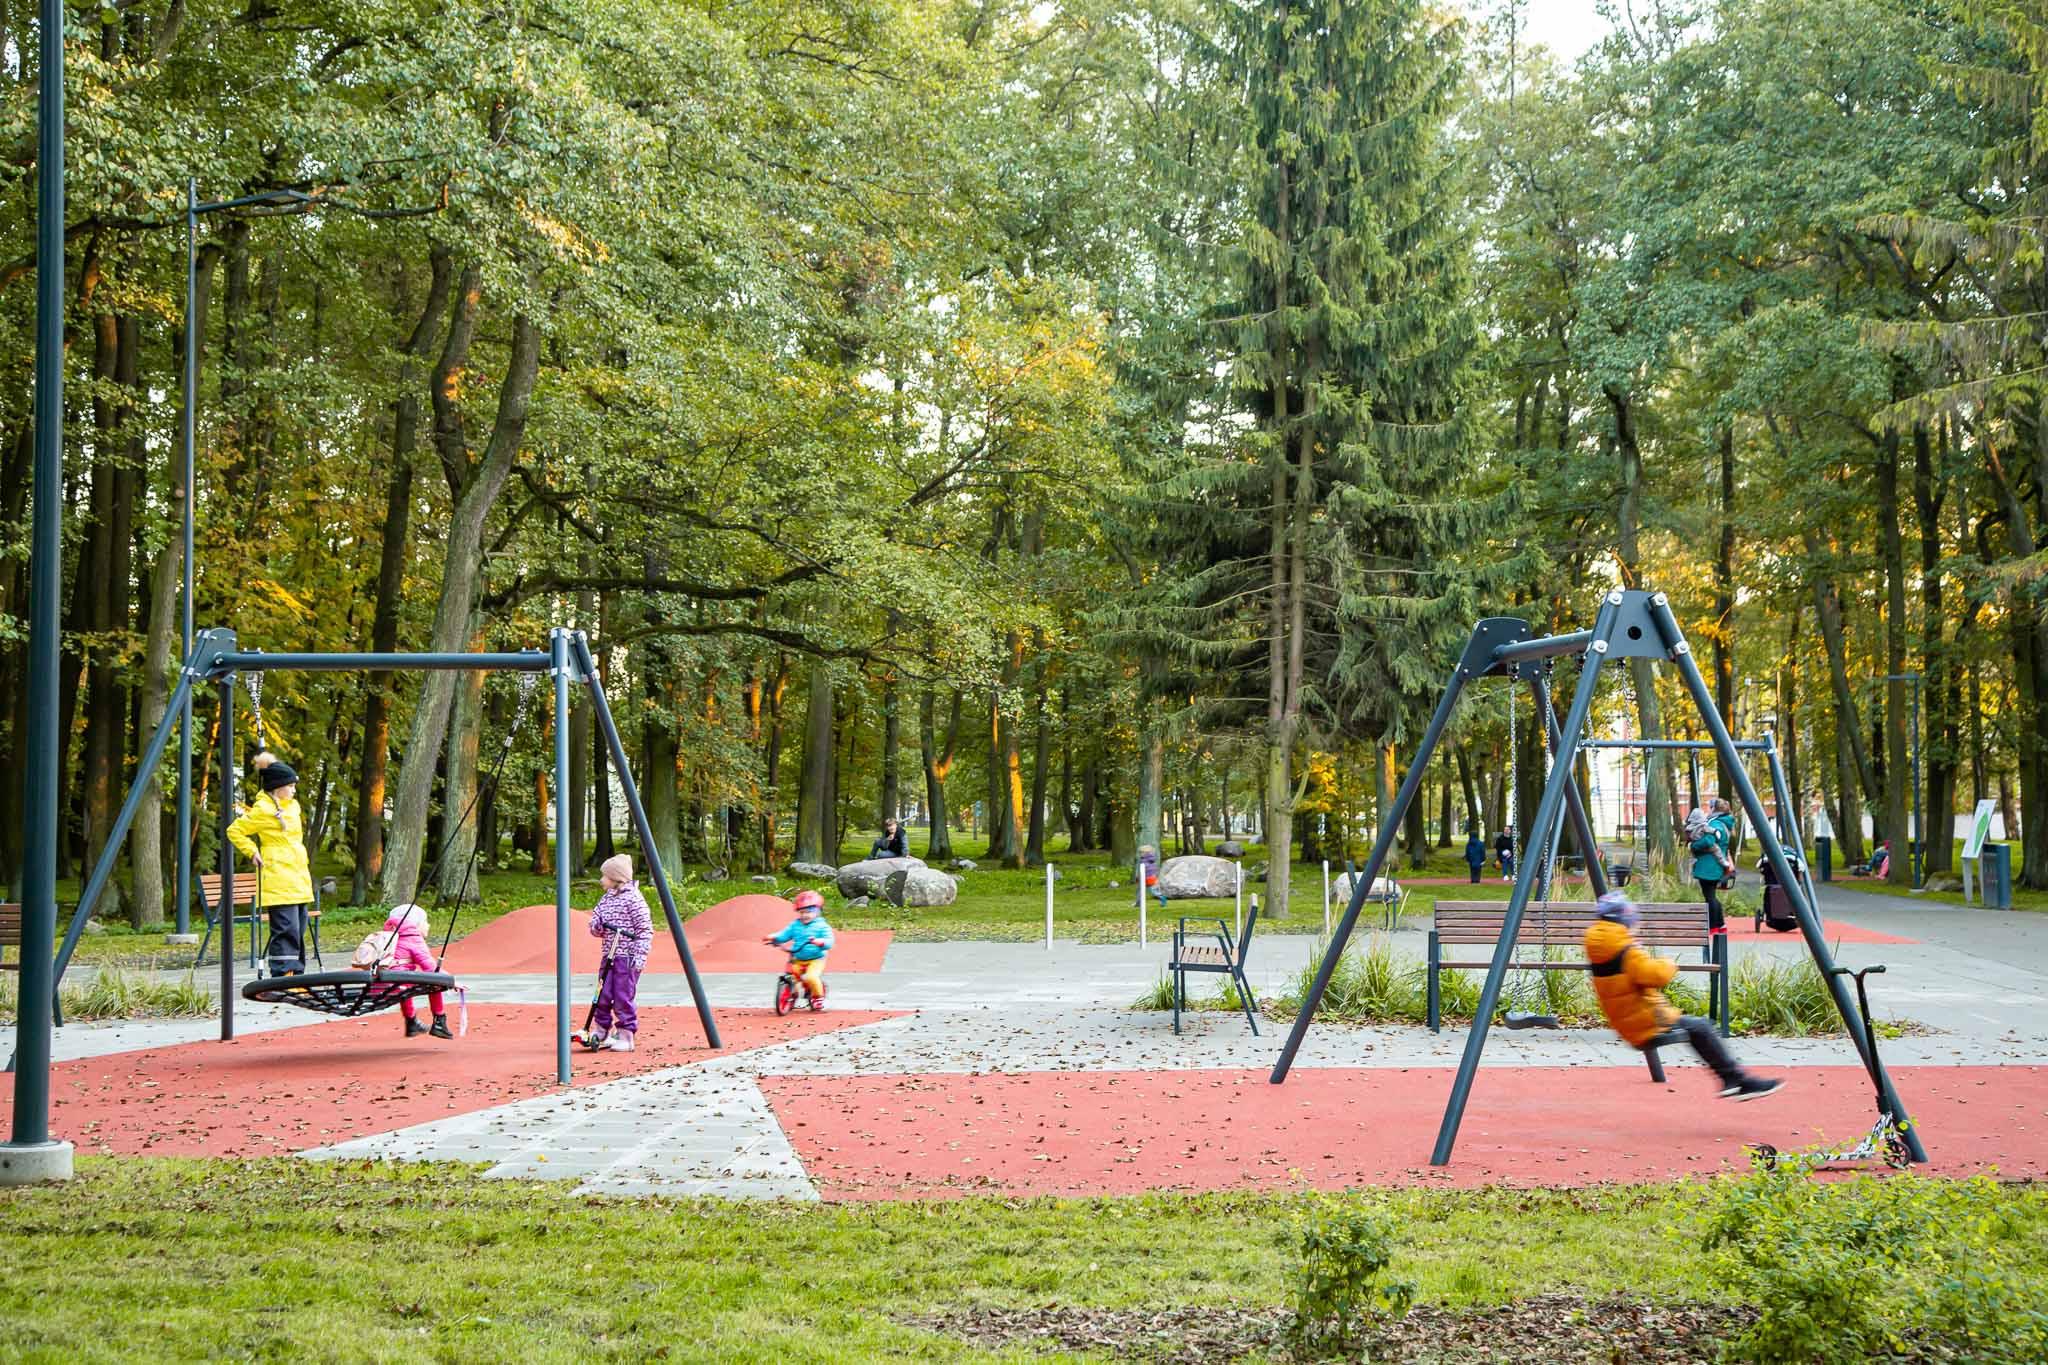 Kasepark